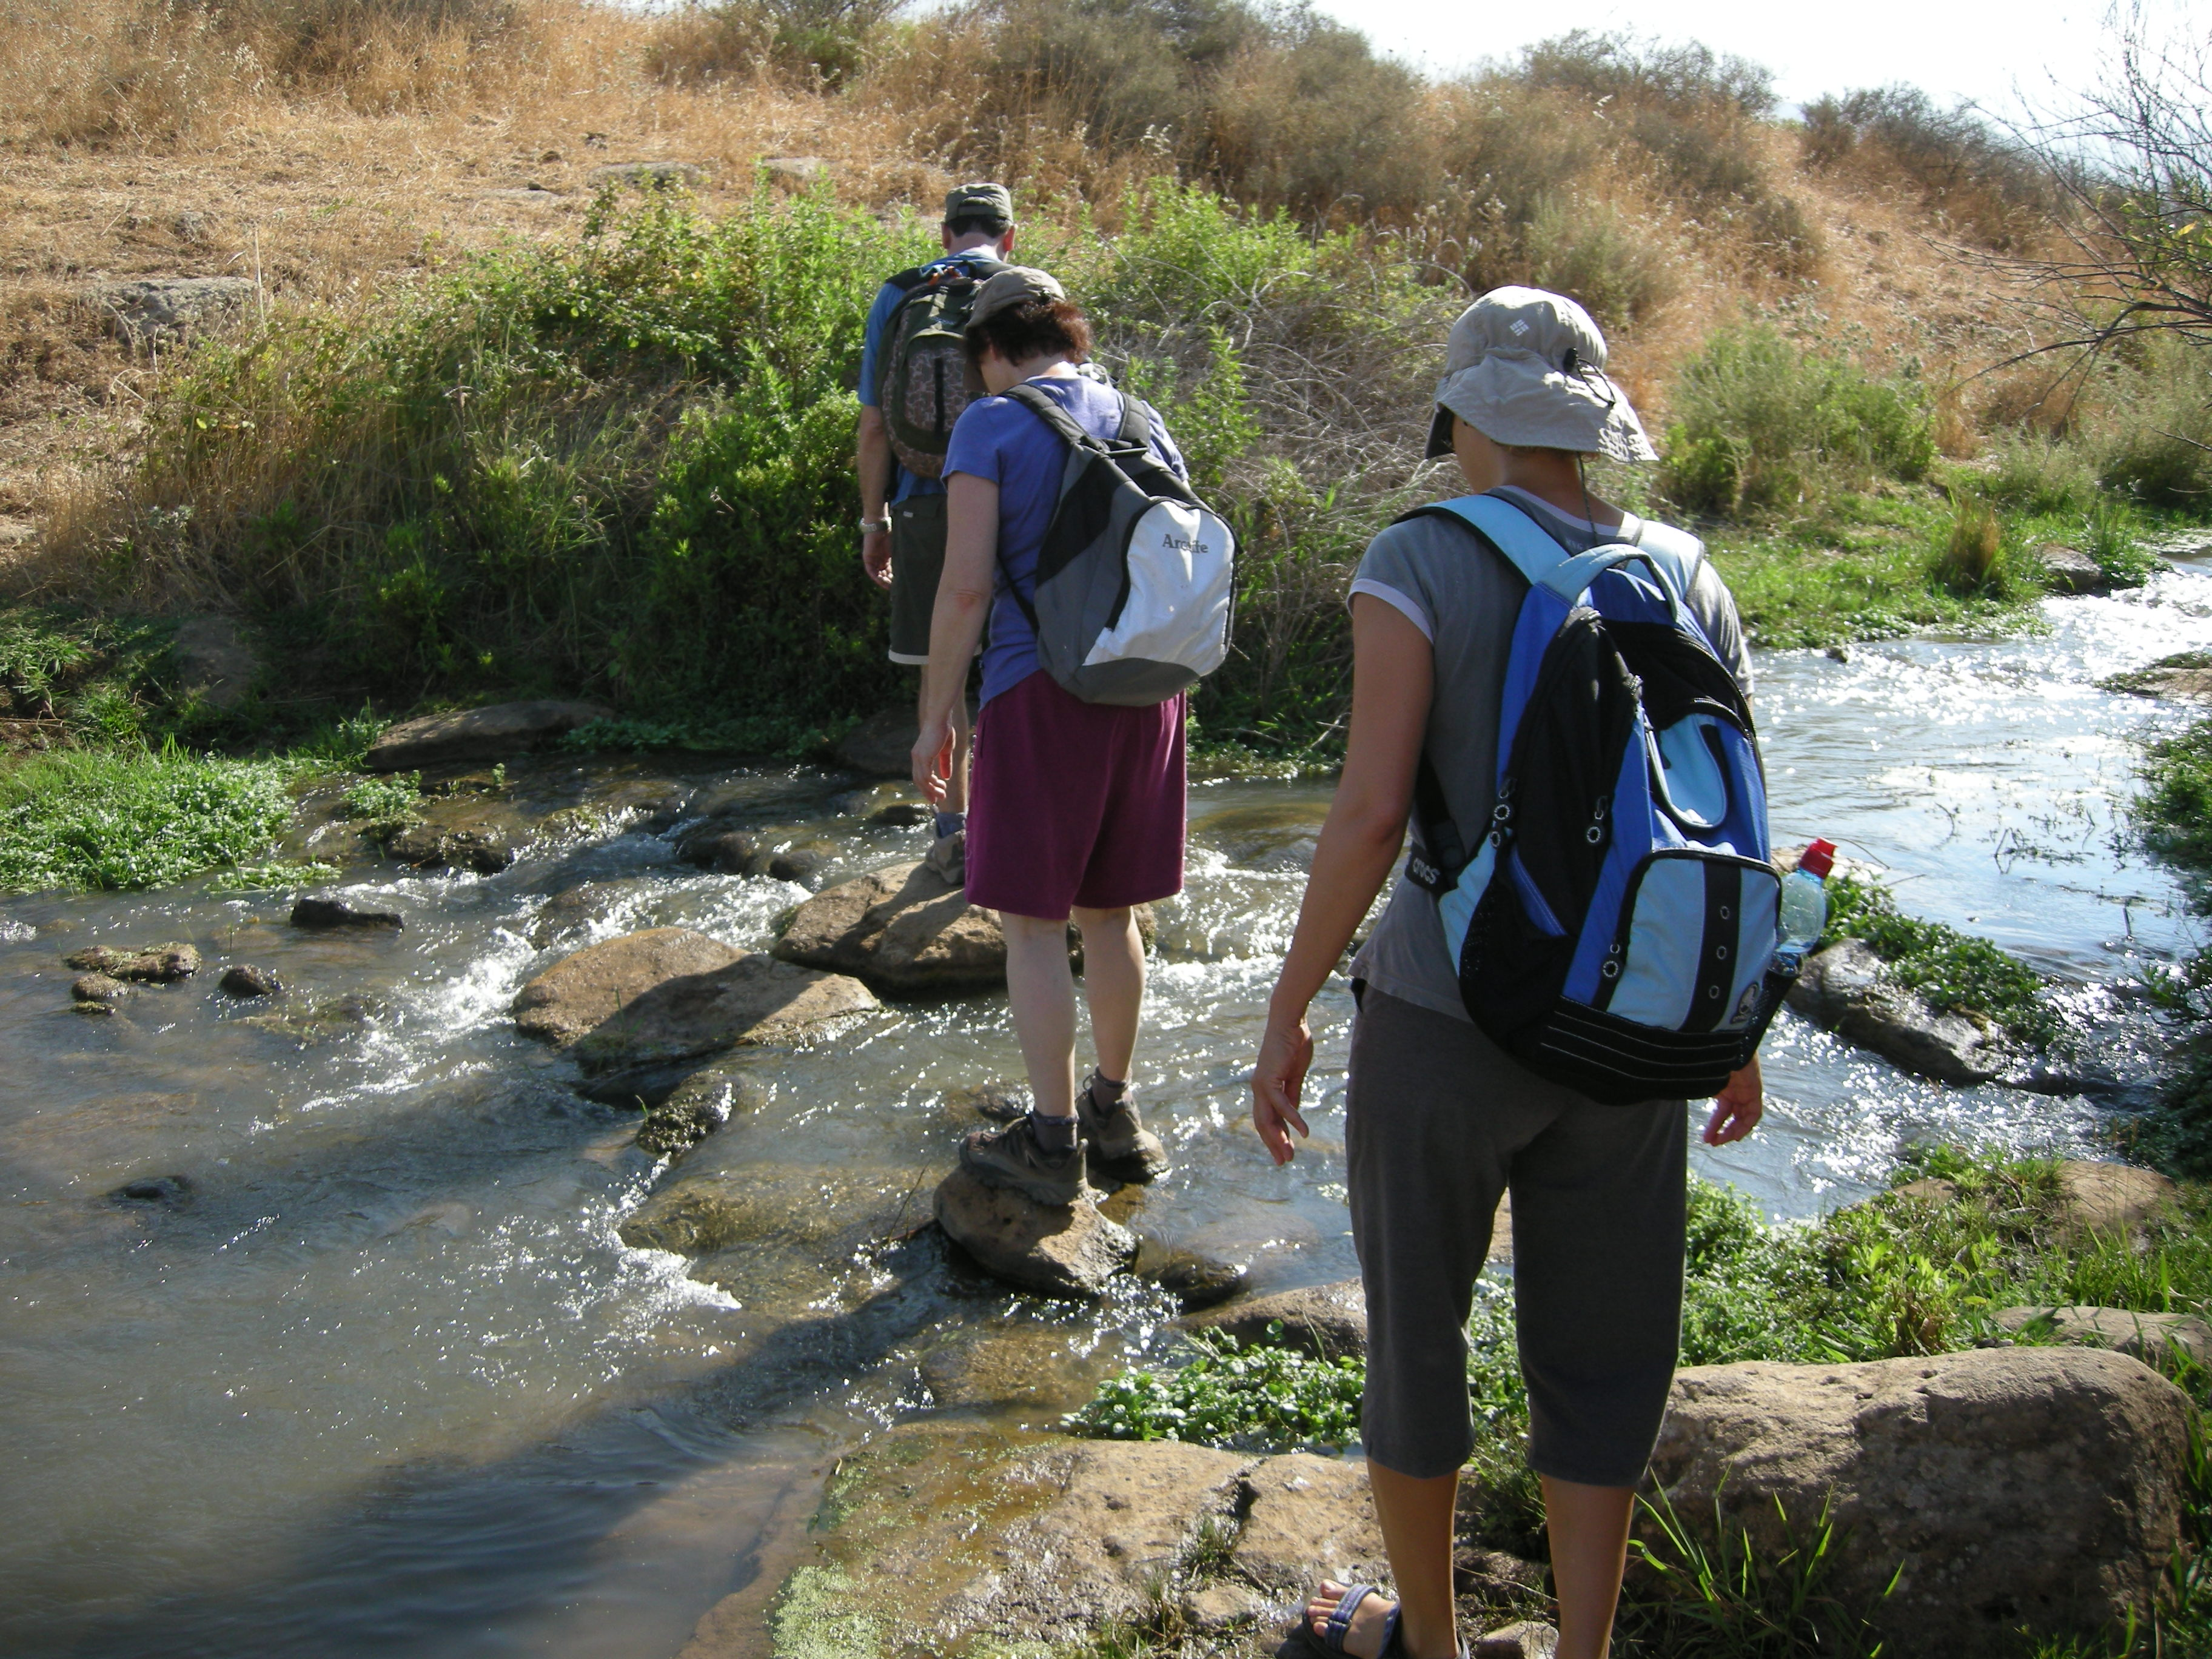 במסלול הליכה מעגלי, נוח להליכה, המתאים למשפחות ללא עגלות ילדים